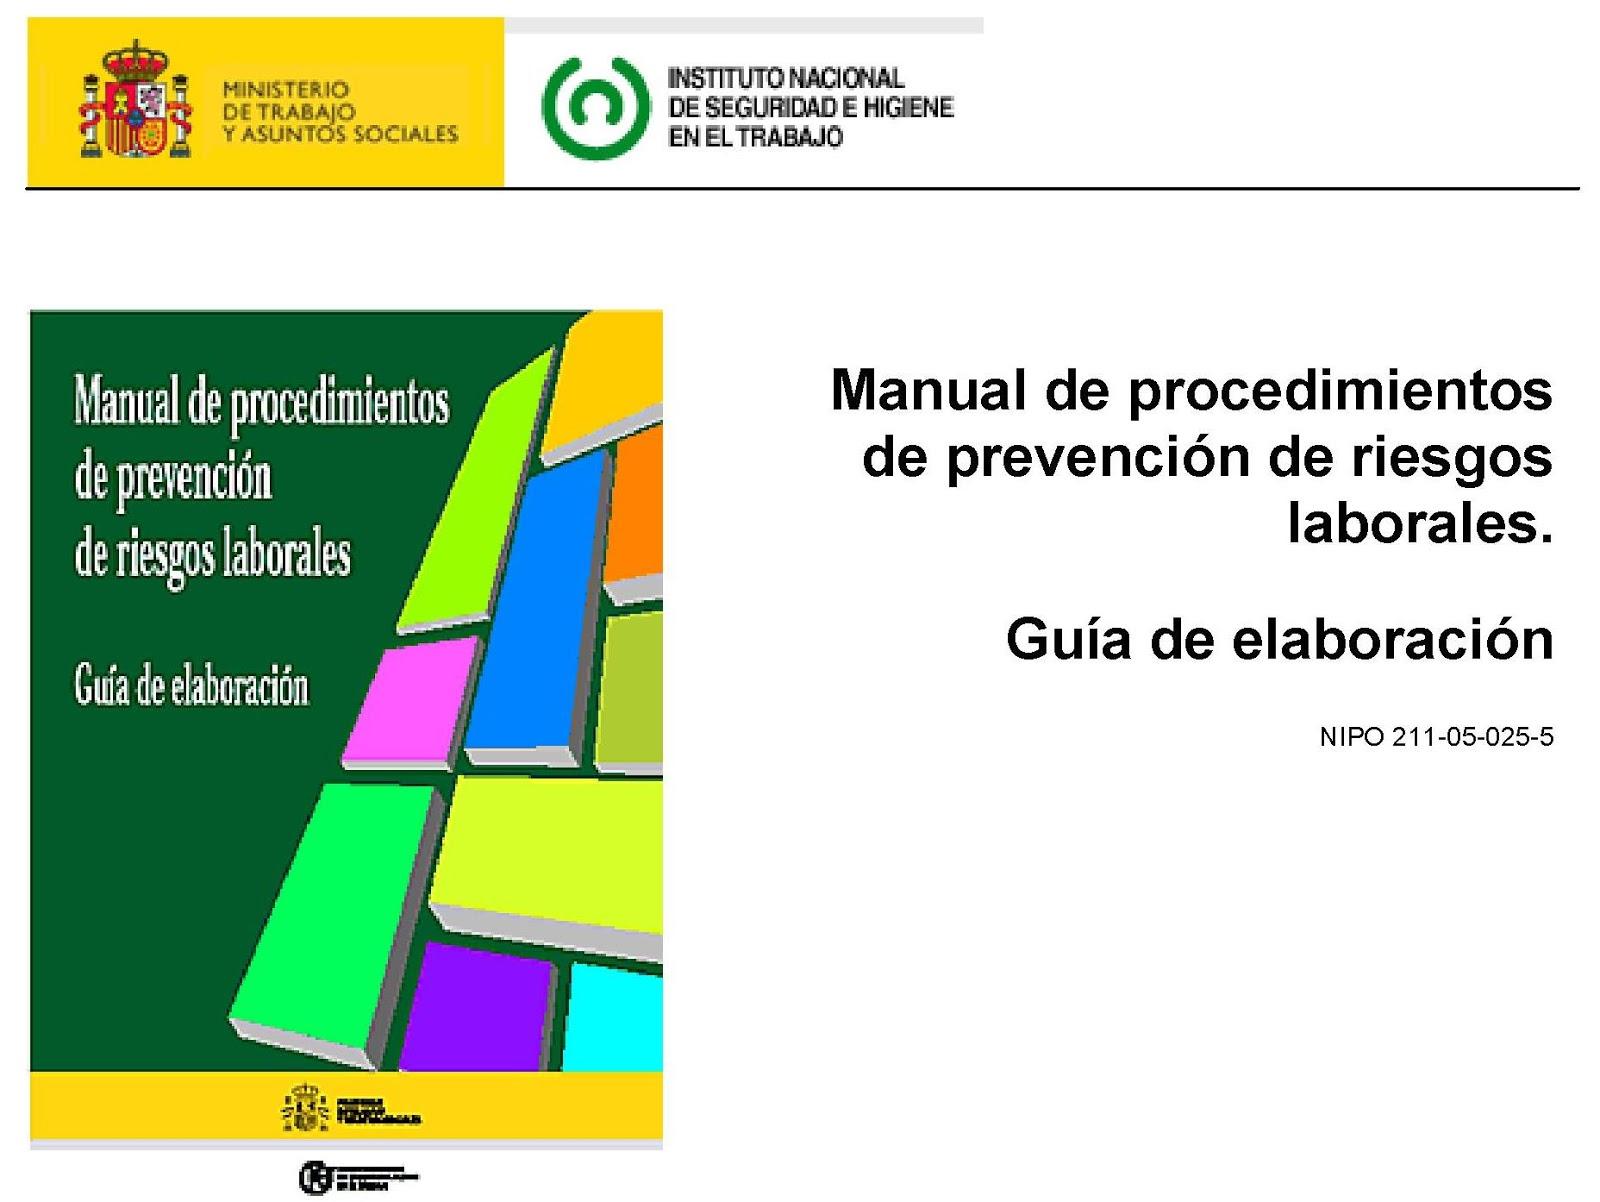 Manual de procedimientos de prevención de riesgos laborales: Ejemplos y Cuestionarios